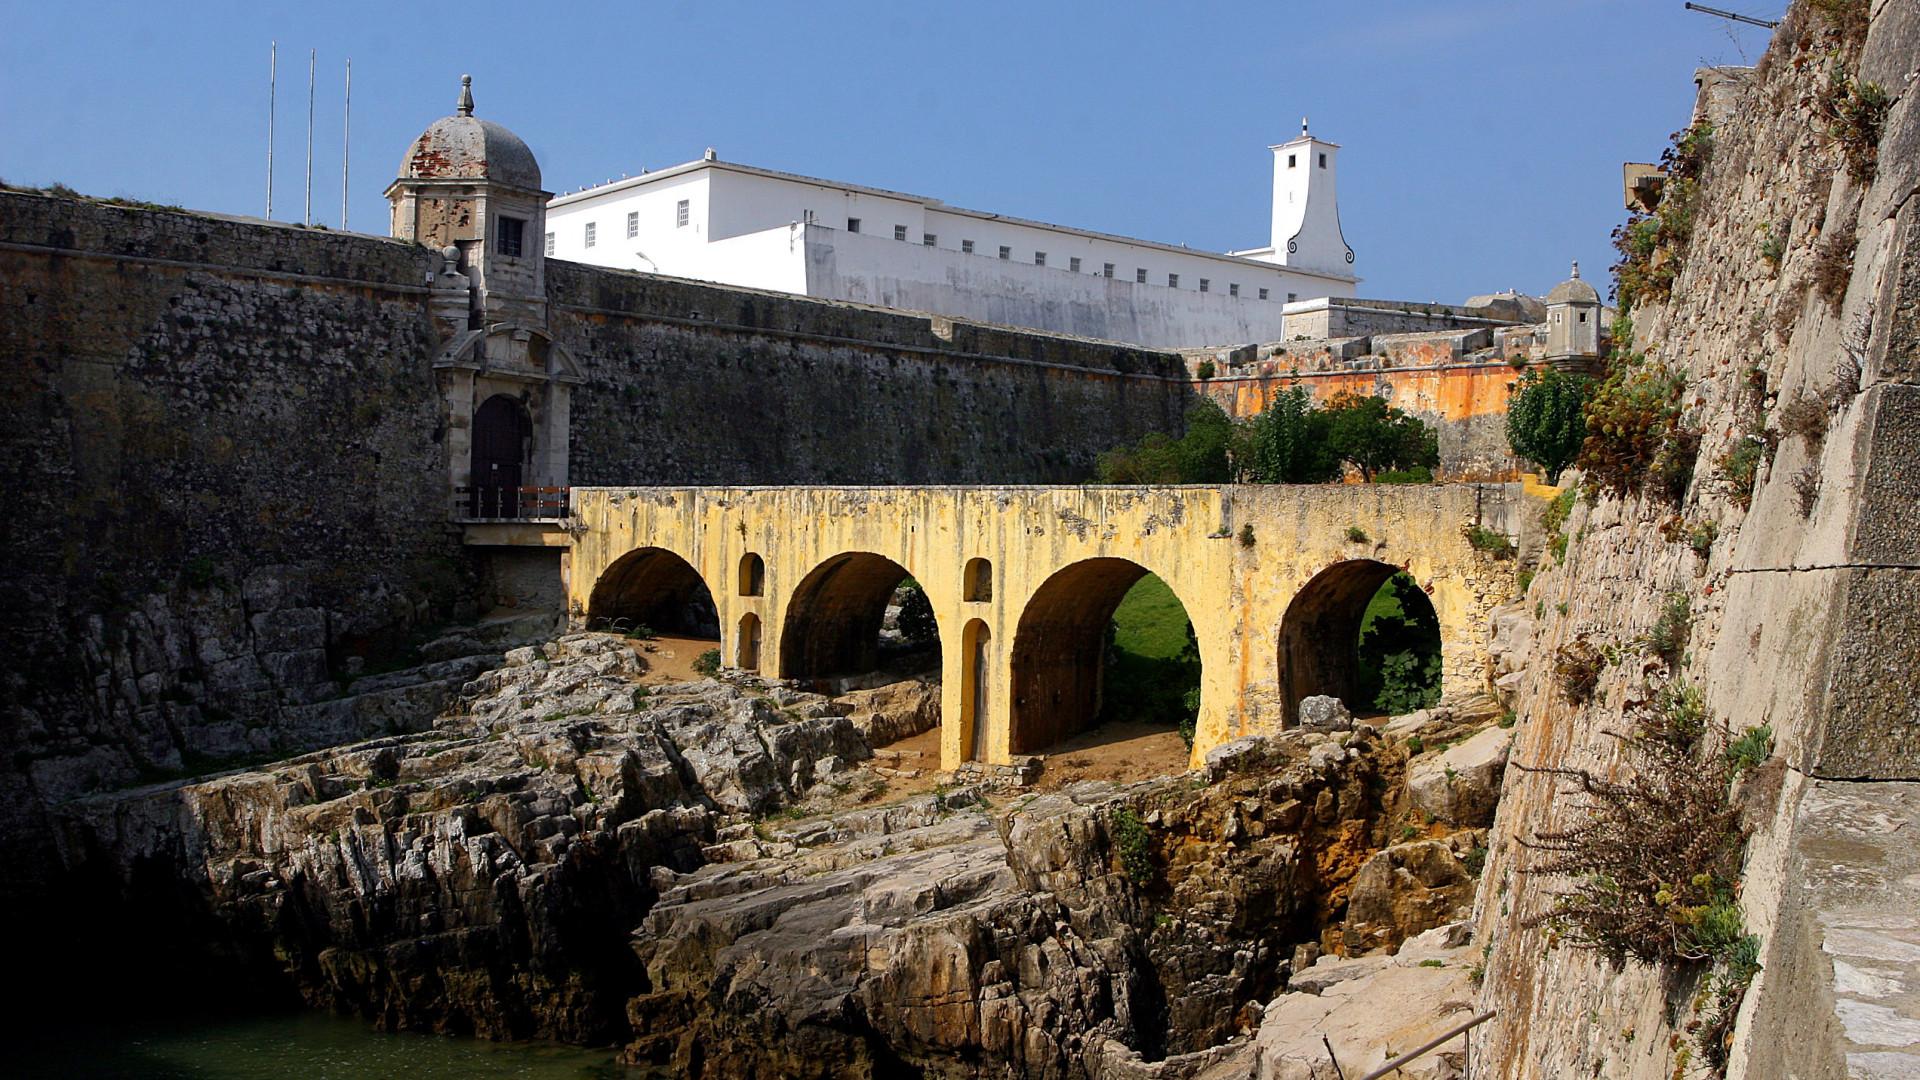 Iniciadas obras na Fortaleza de Peniche para instalação de futuro museu